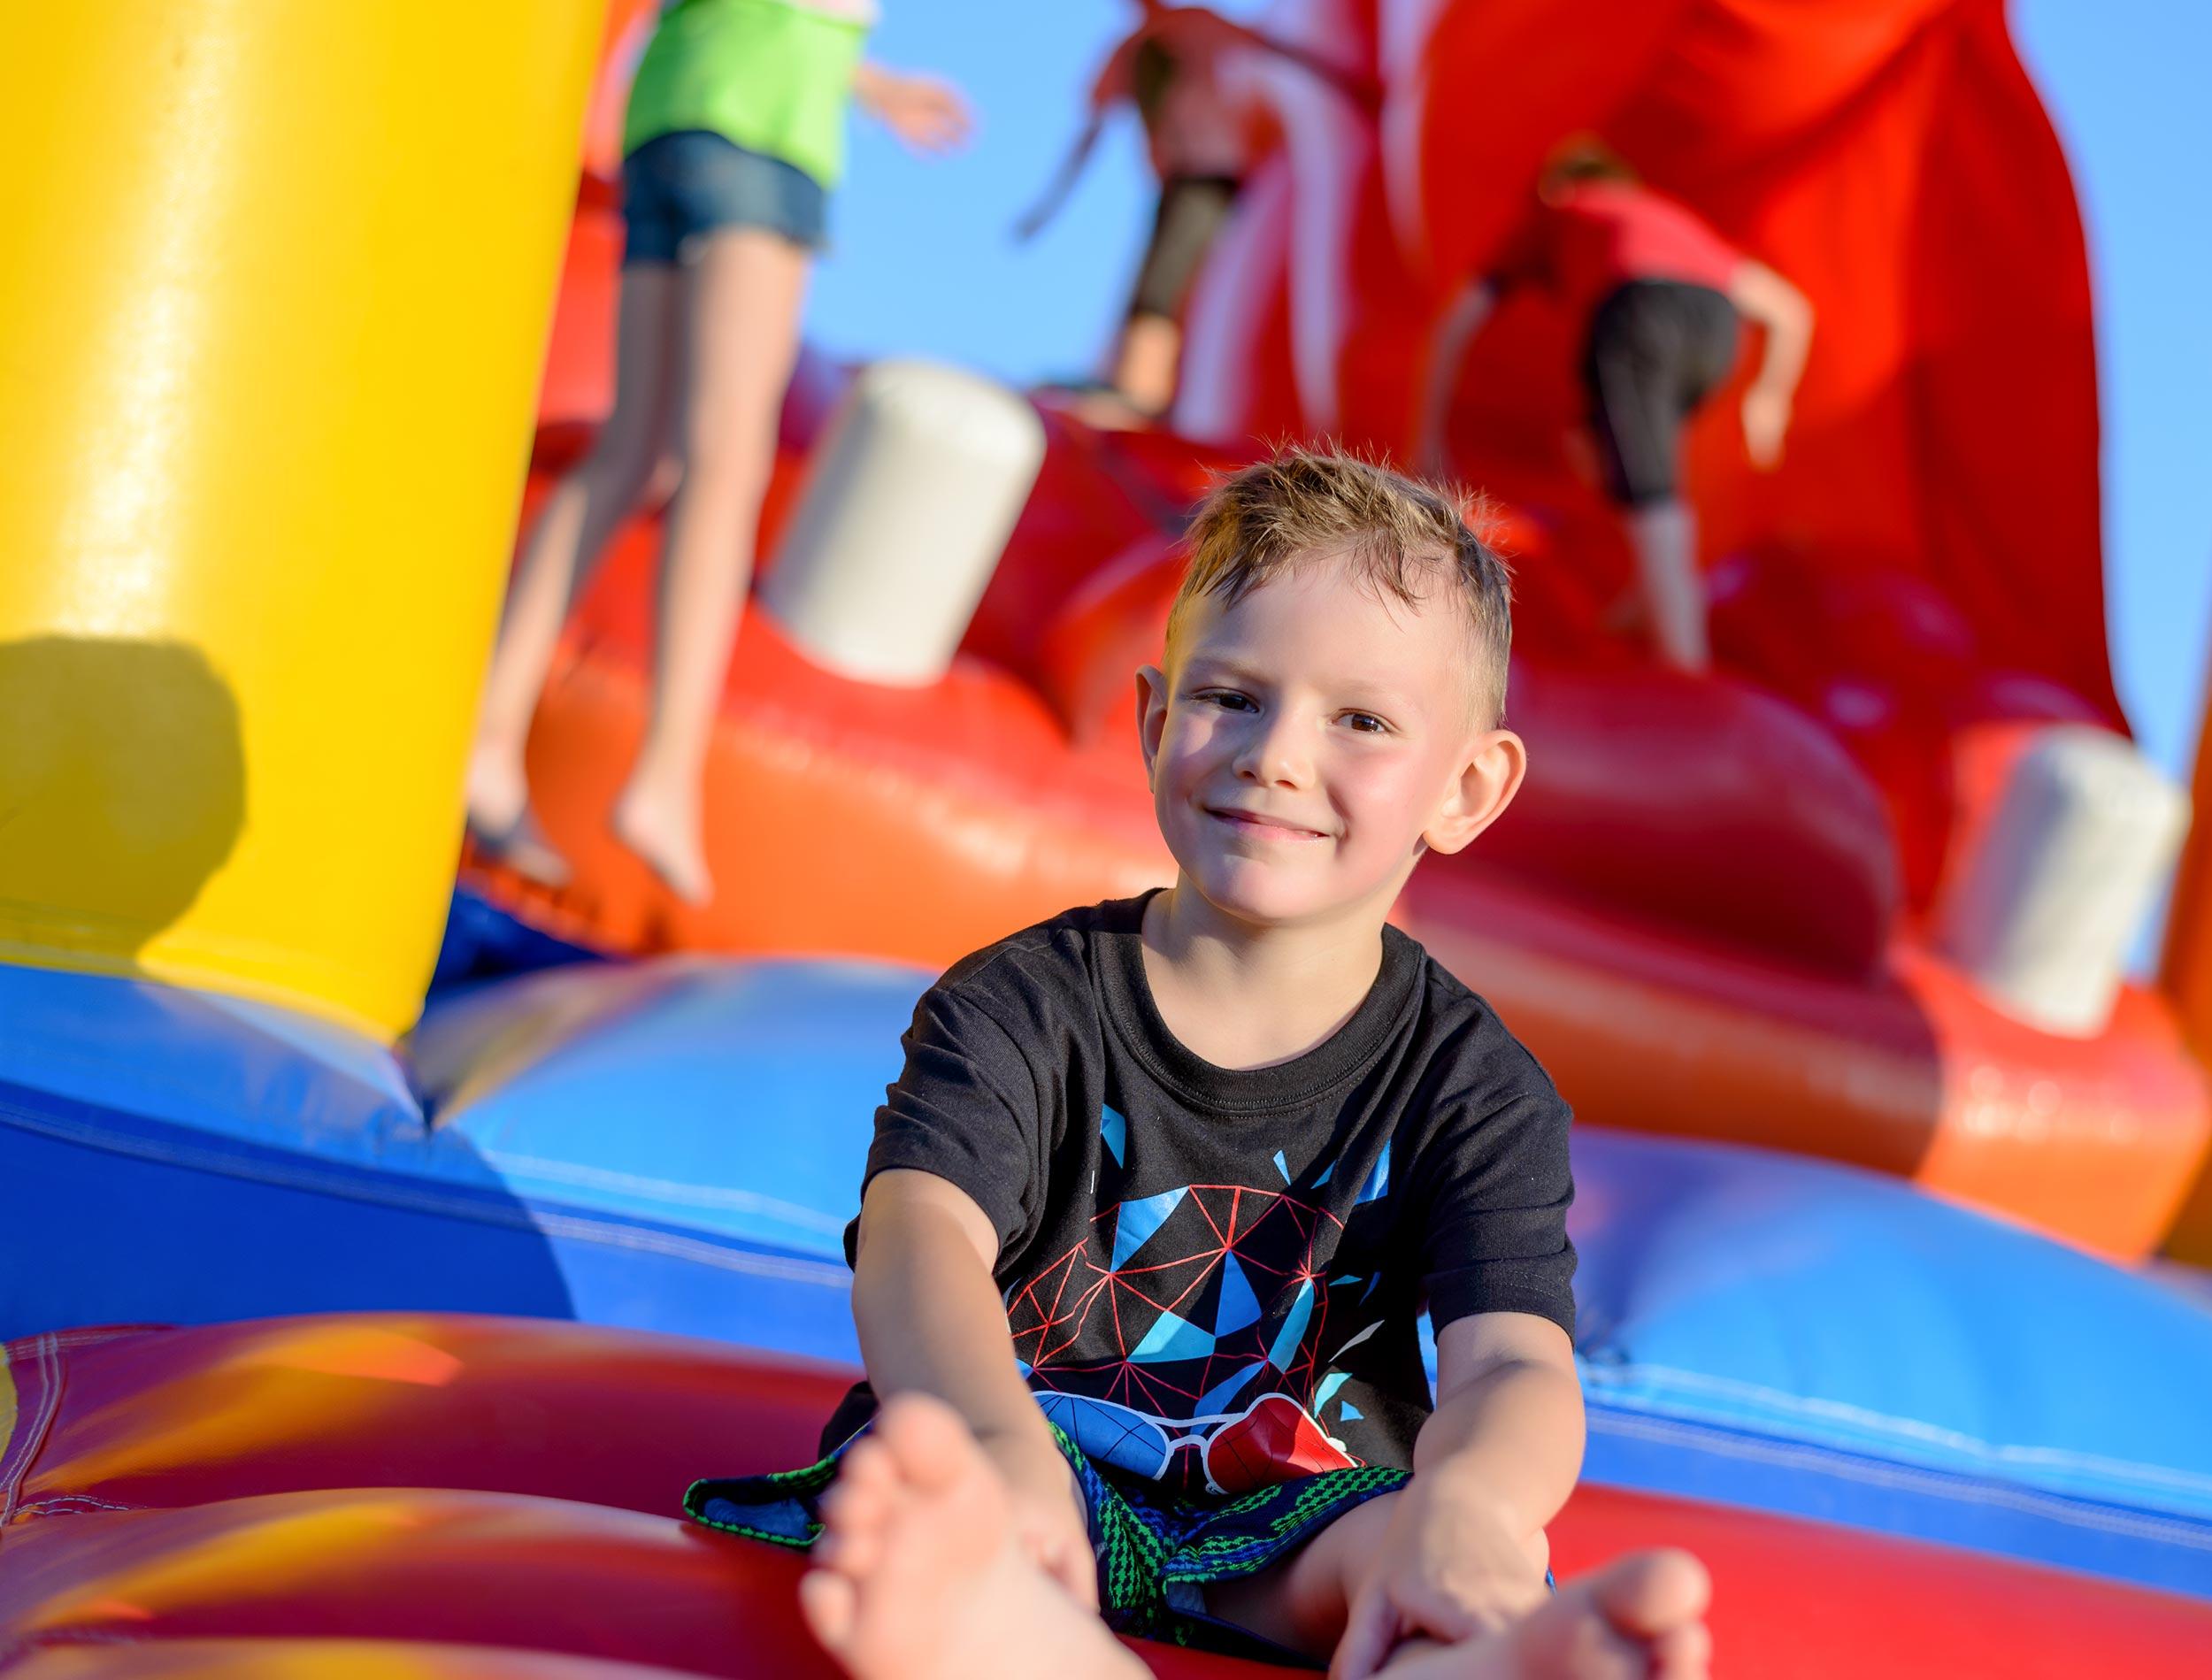 Boy on bouncy castle